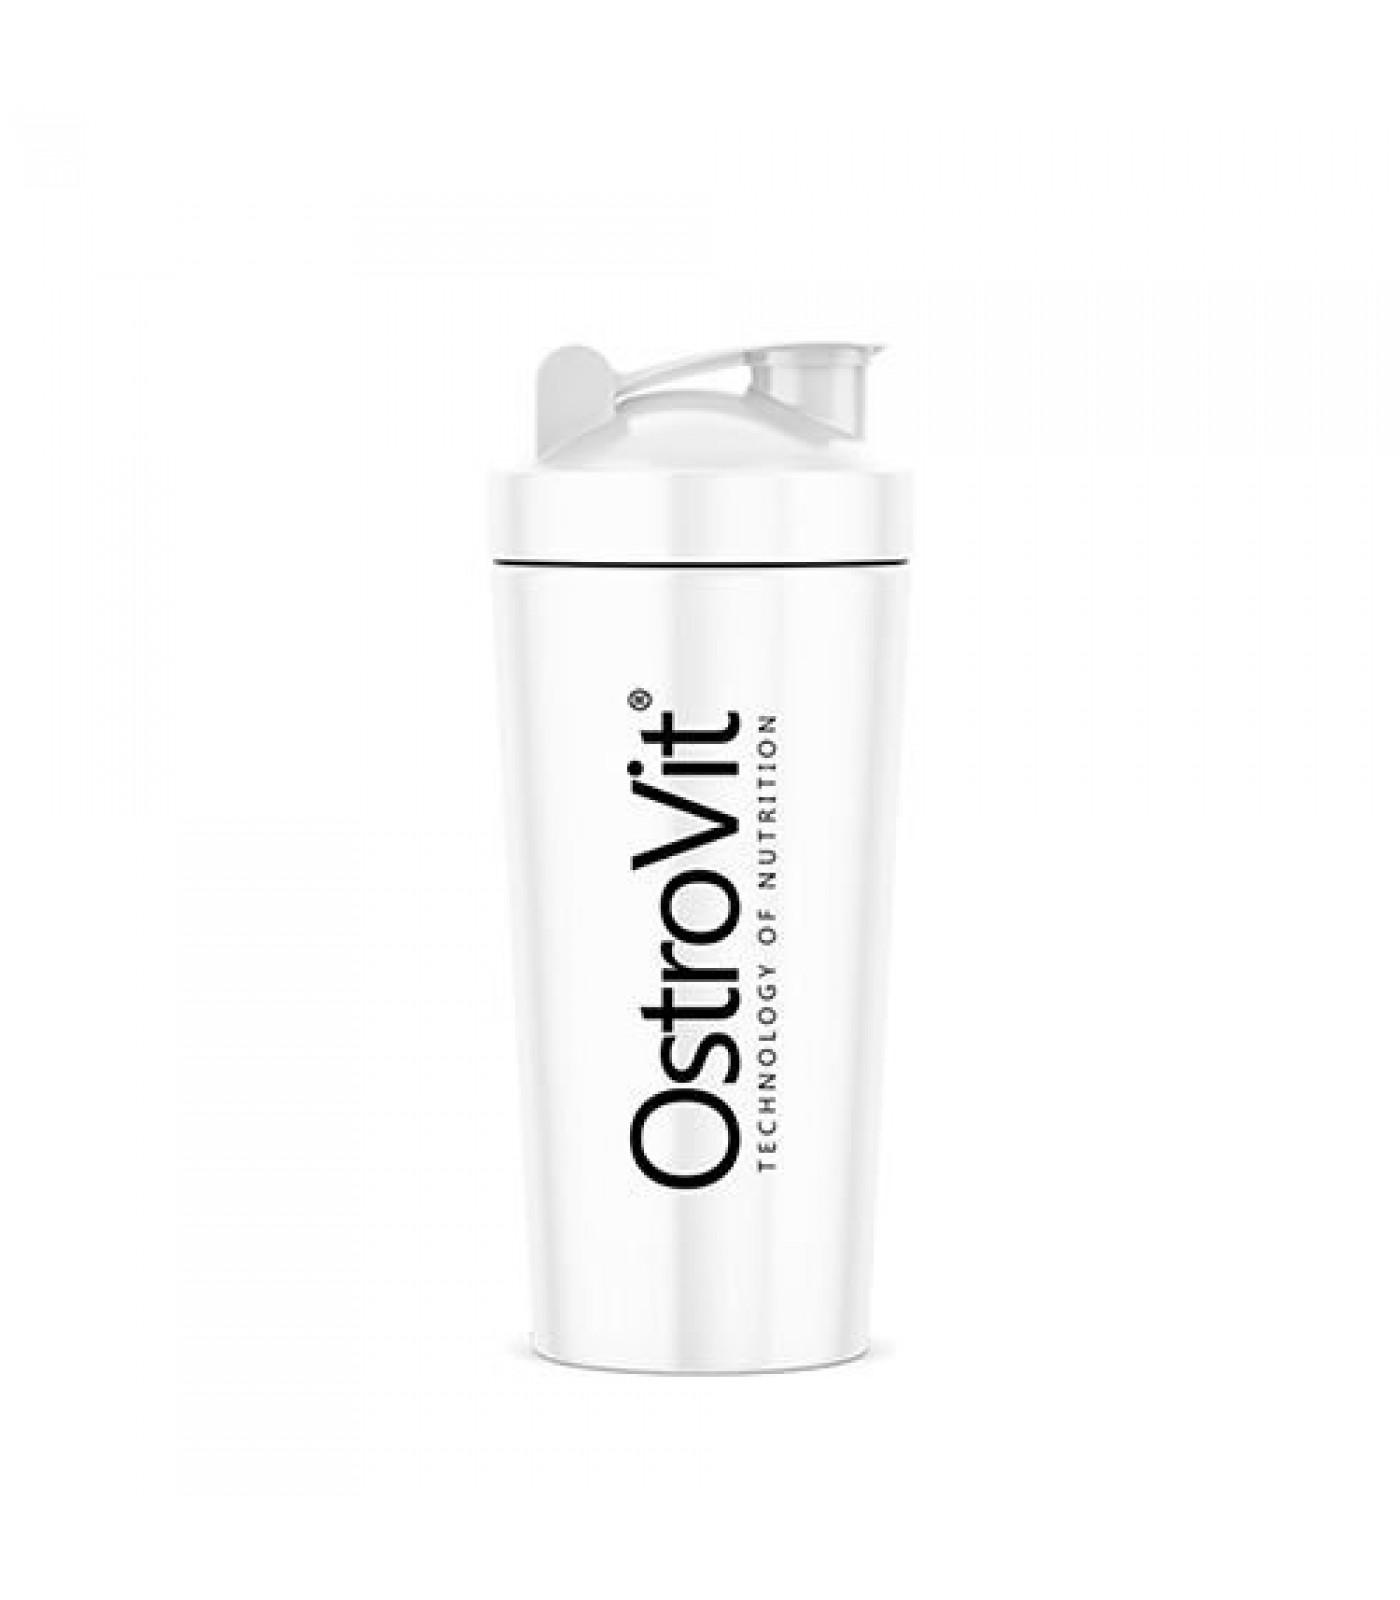 OstroVit - Metal / Steel Shaker / 750 ml / Silver